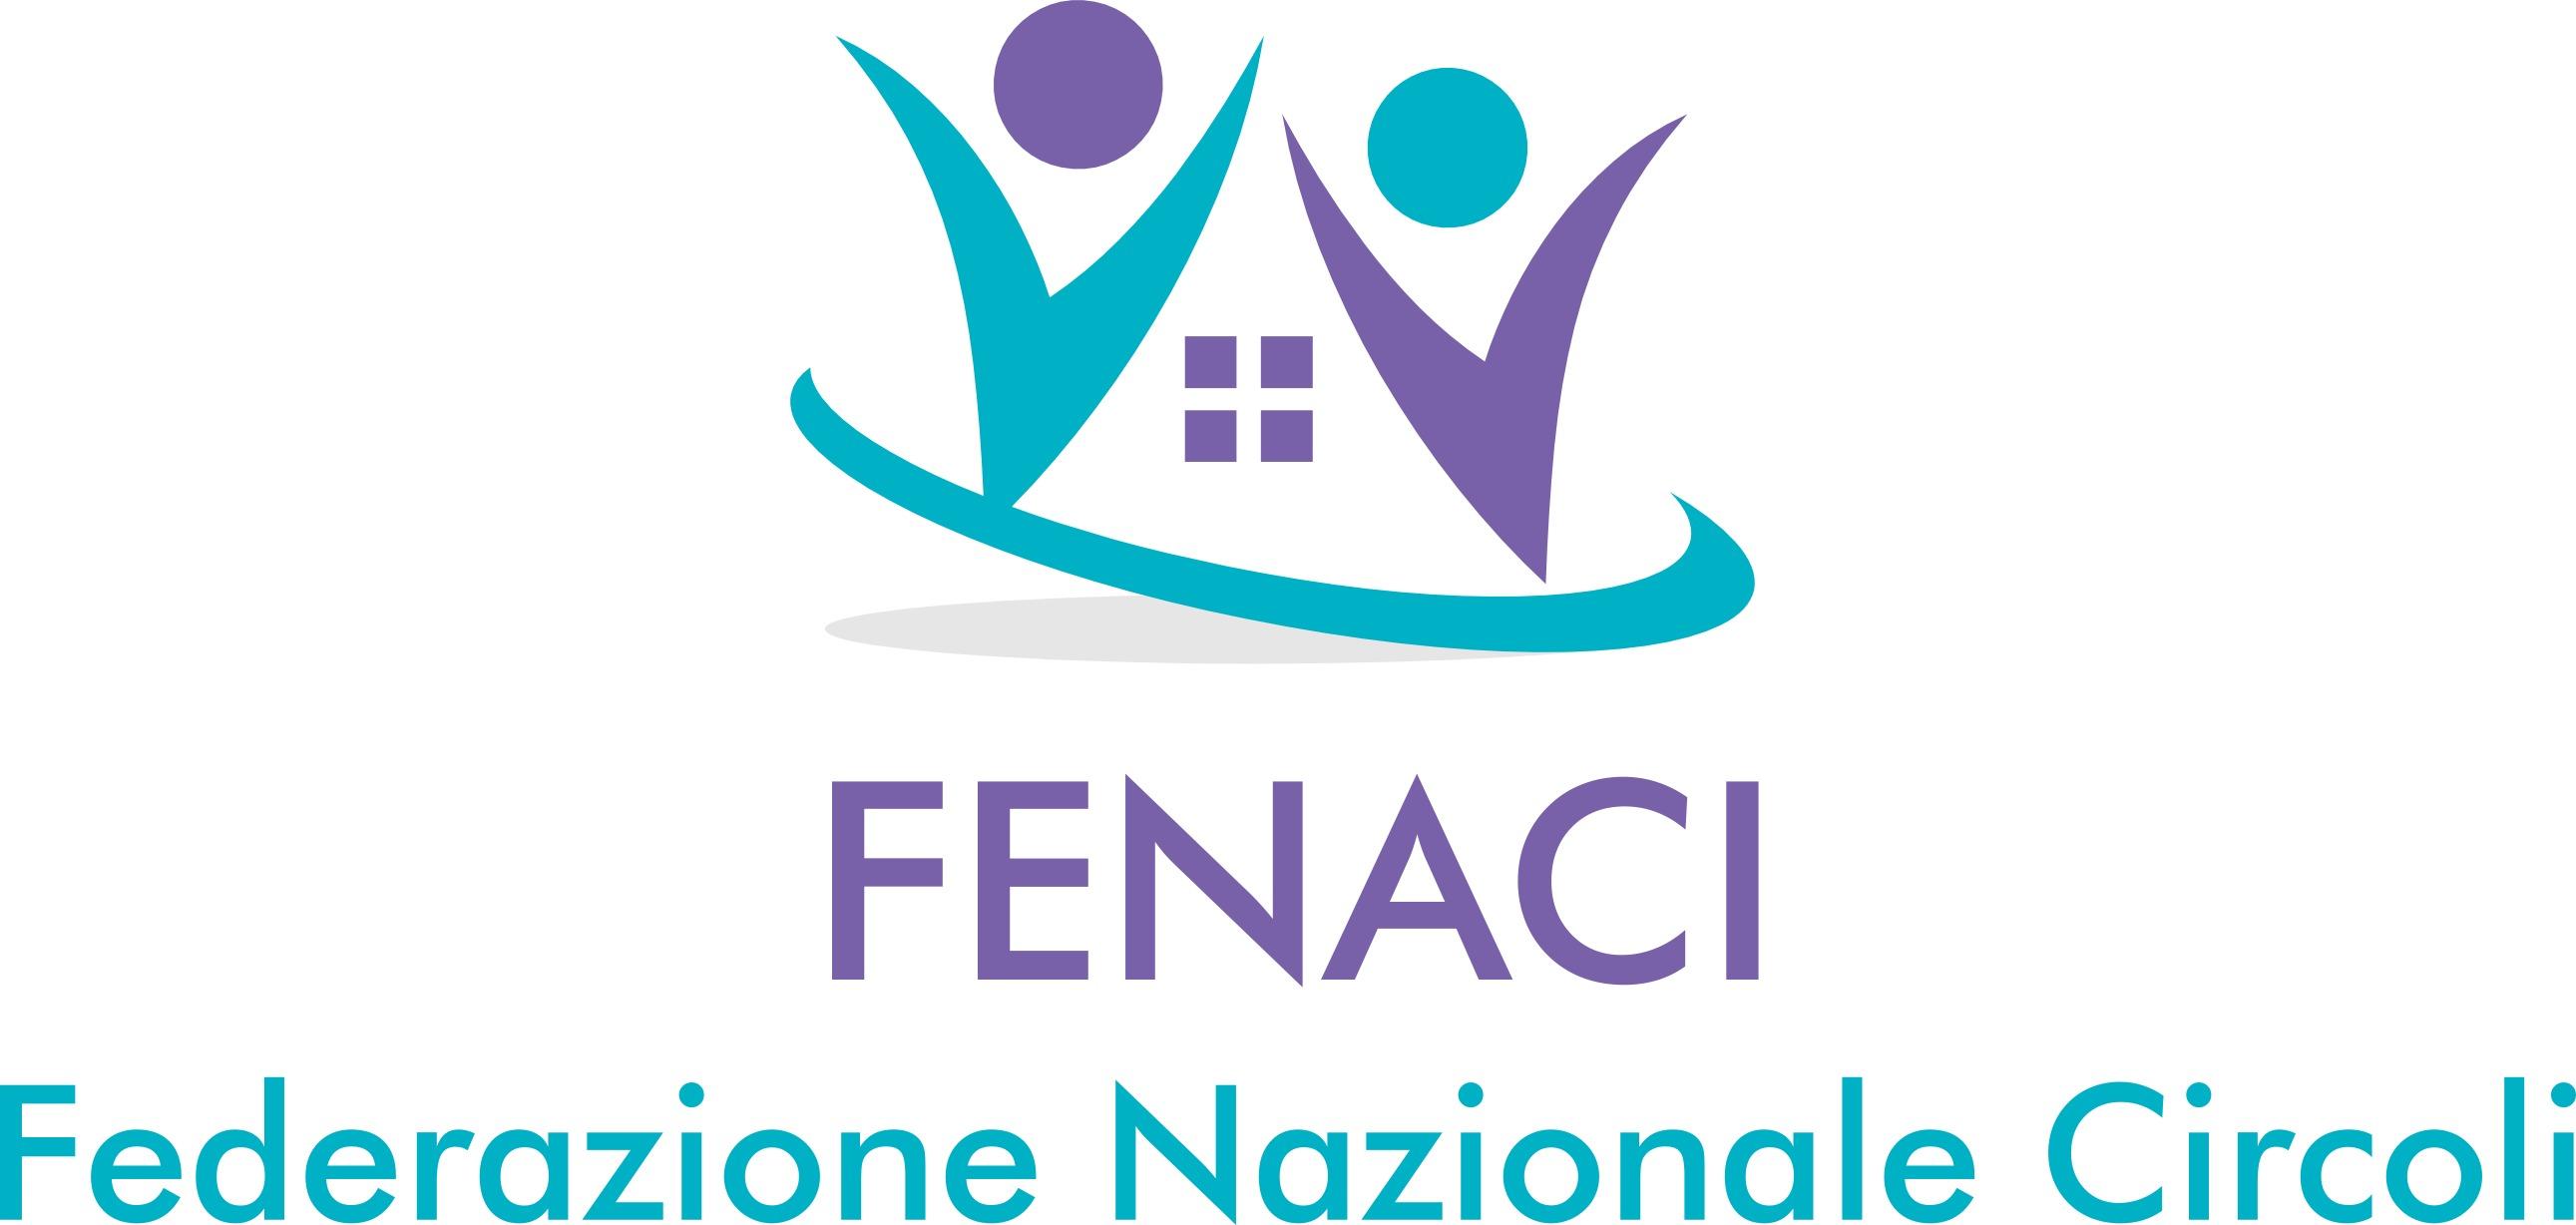 Fenaci